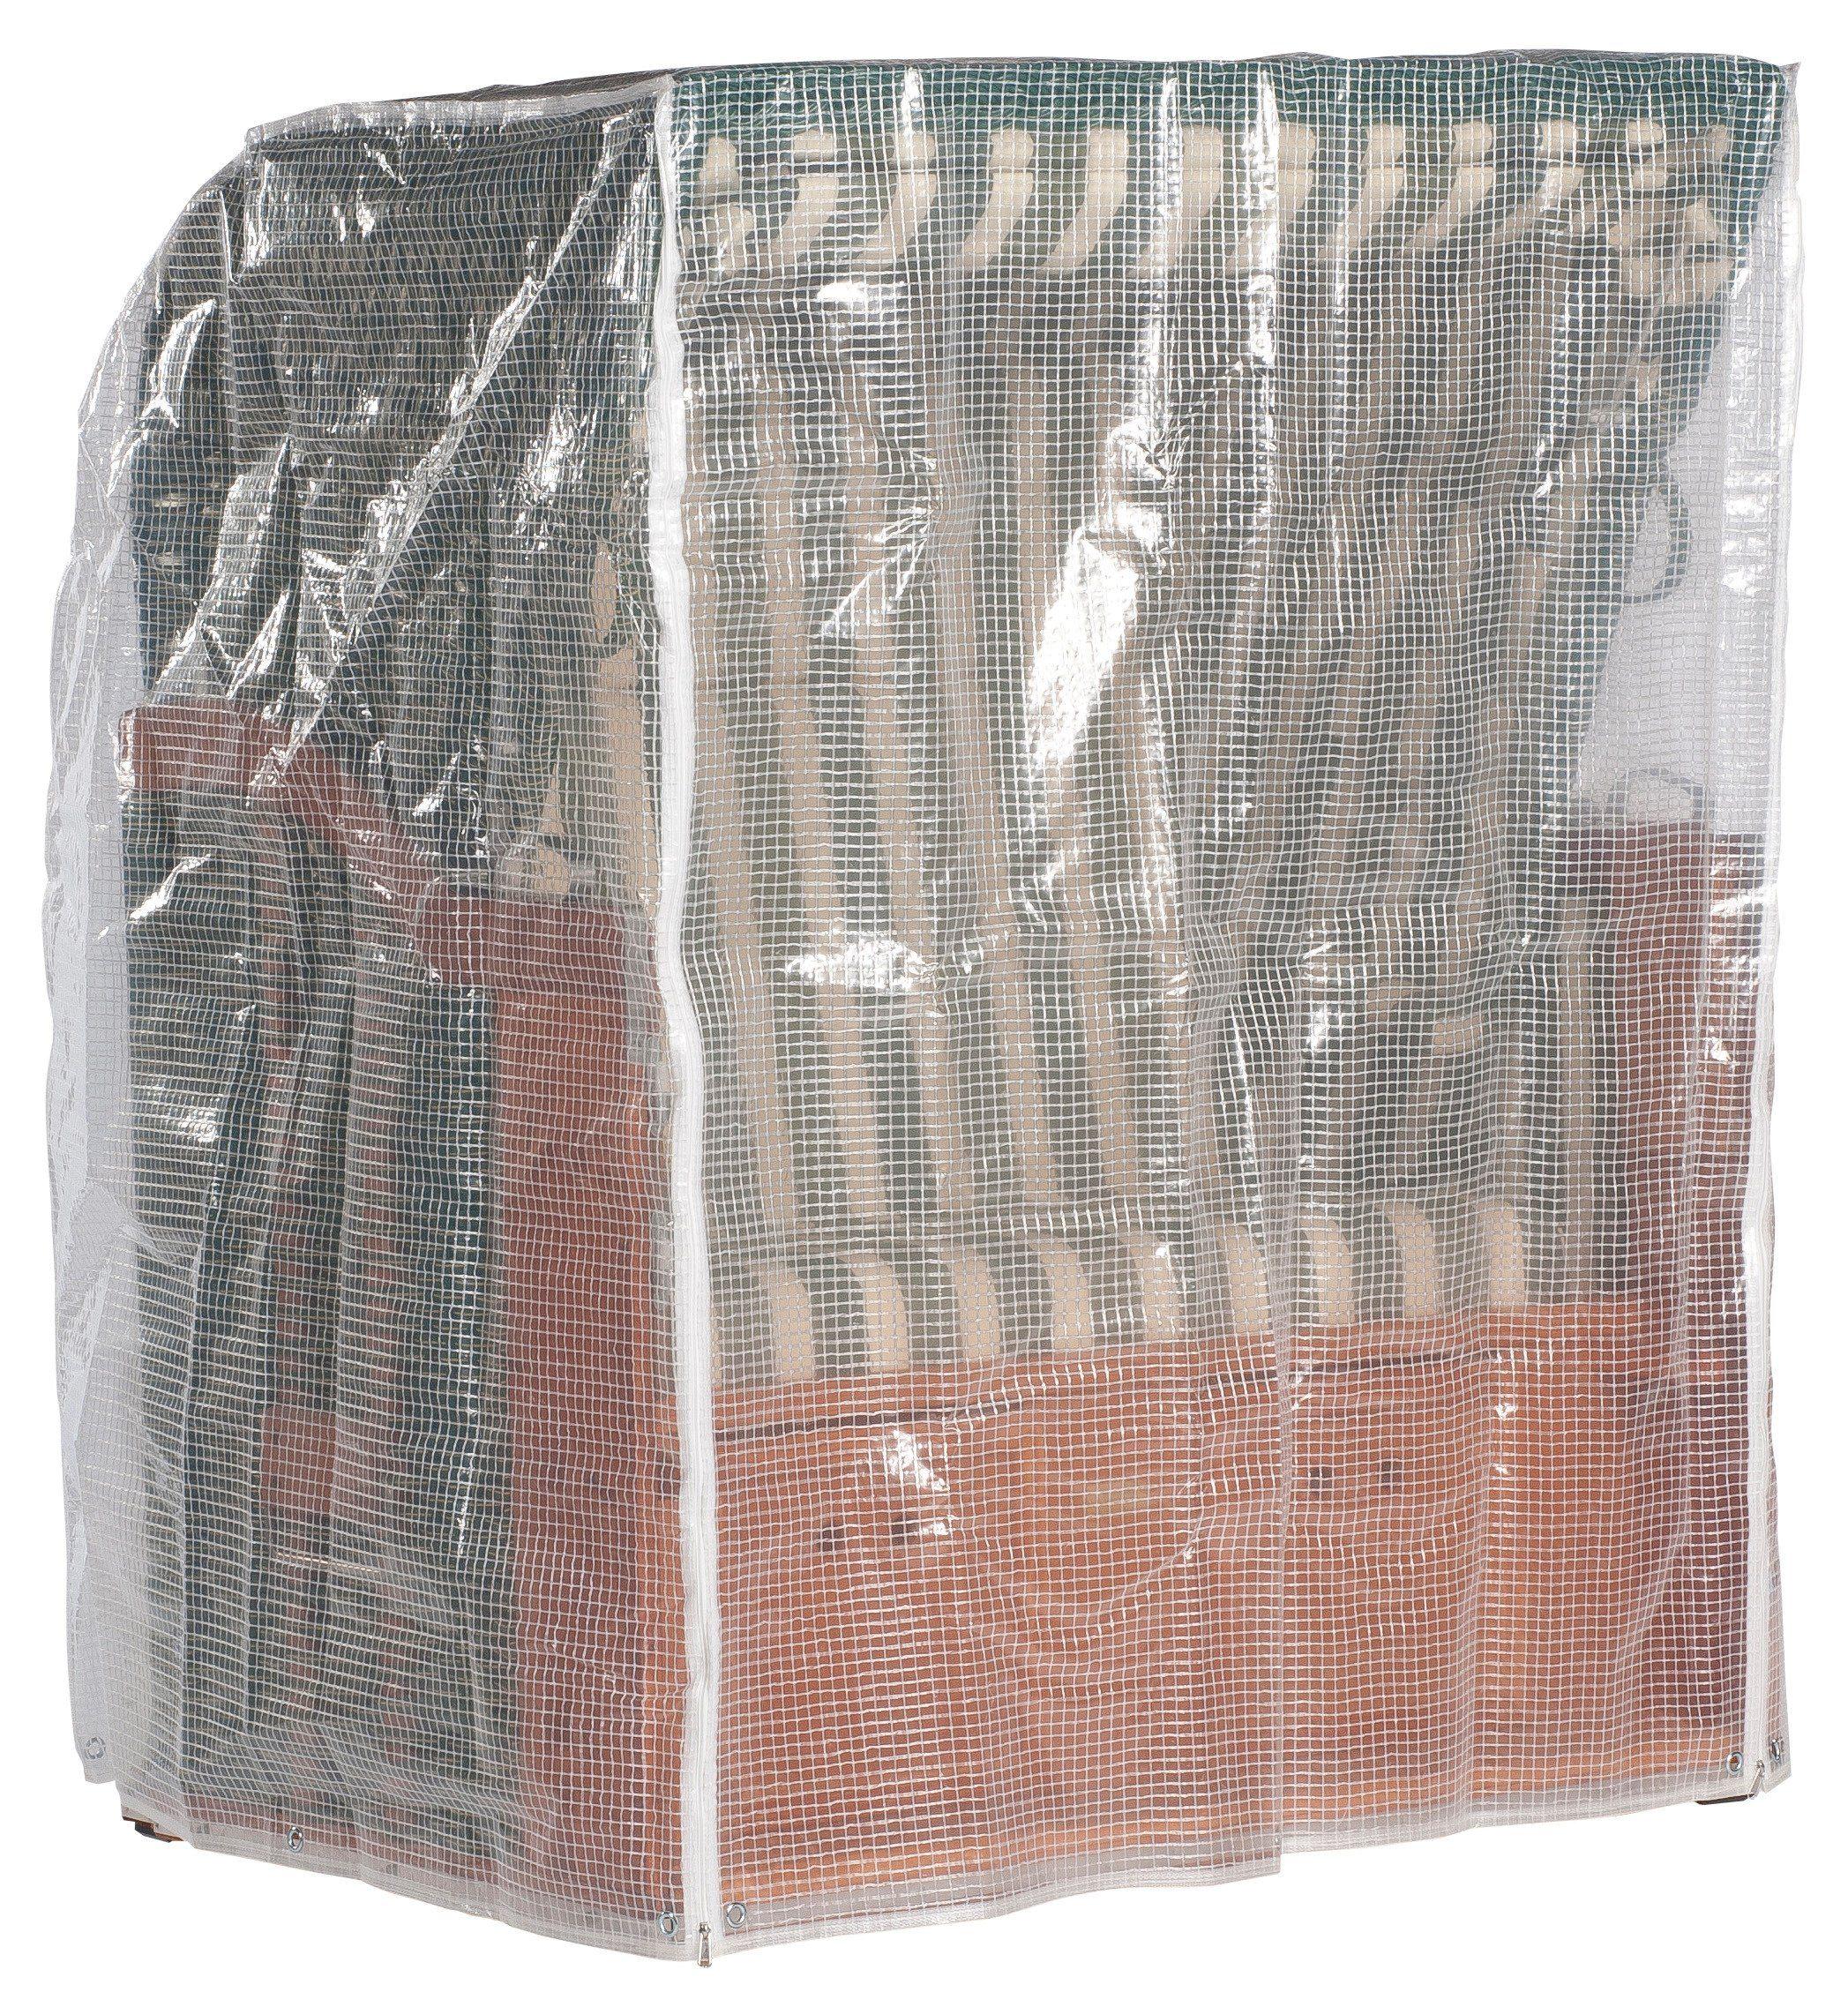 Strandkorb Schutzhülle für 2-Sitzer XL, Transparent